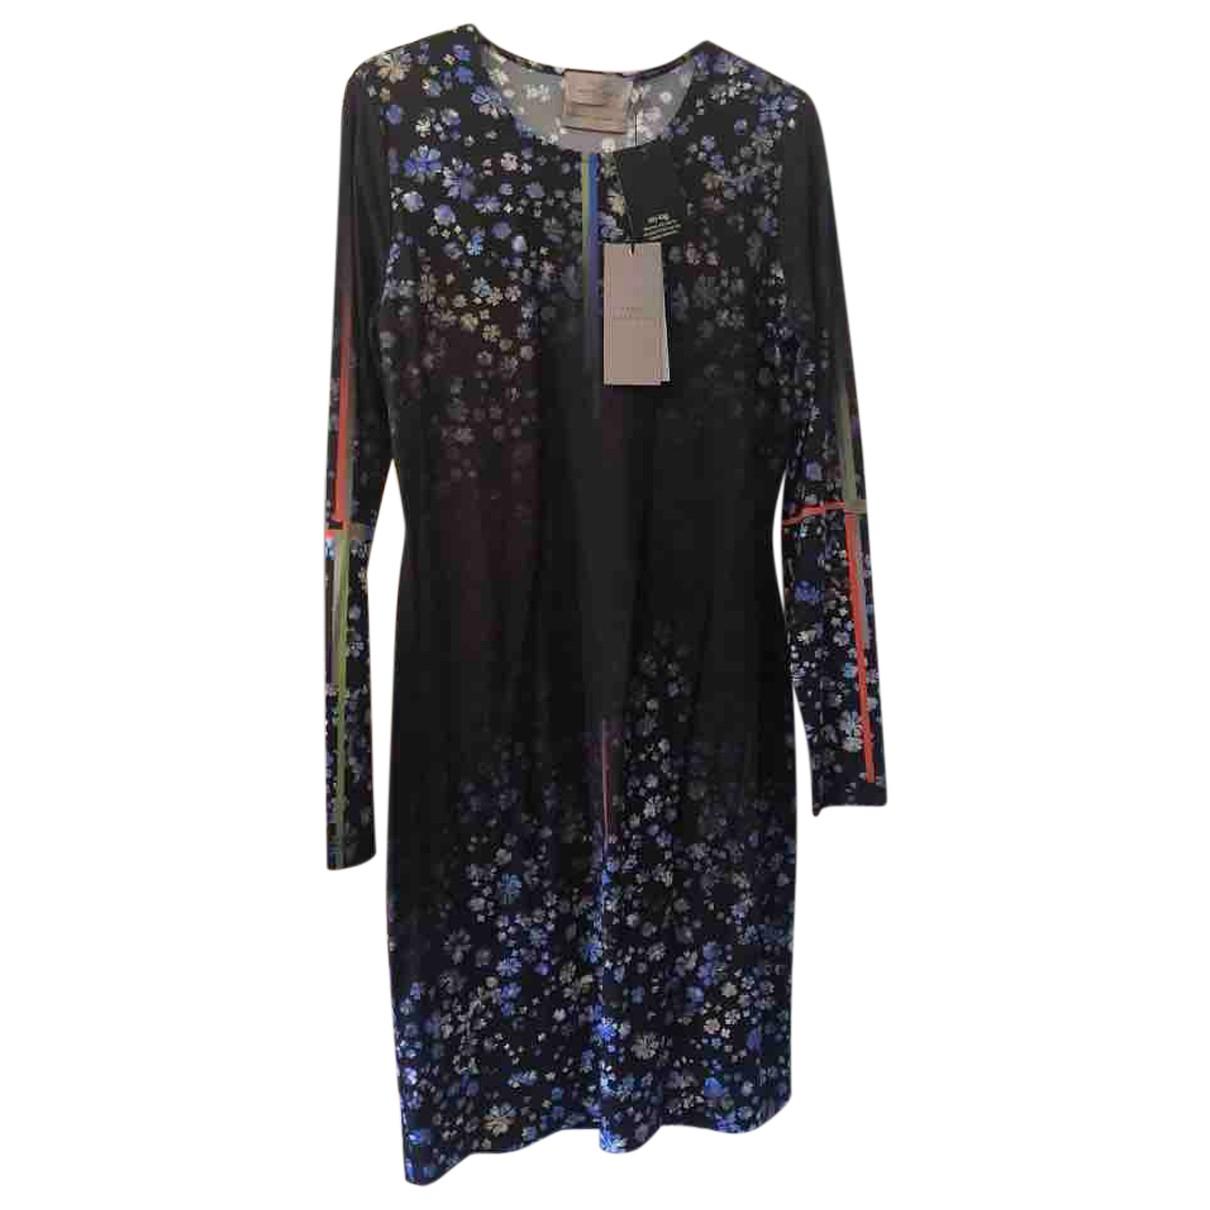 Preen By Thornton Bregazzi \N Kleid in  Blau Polyester